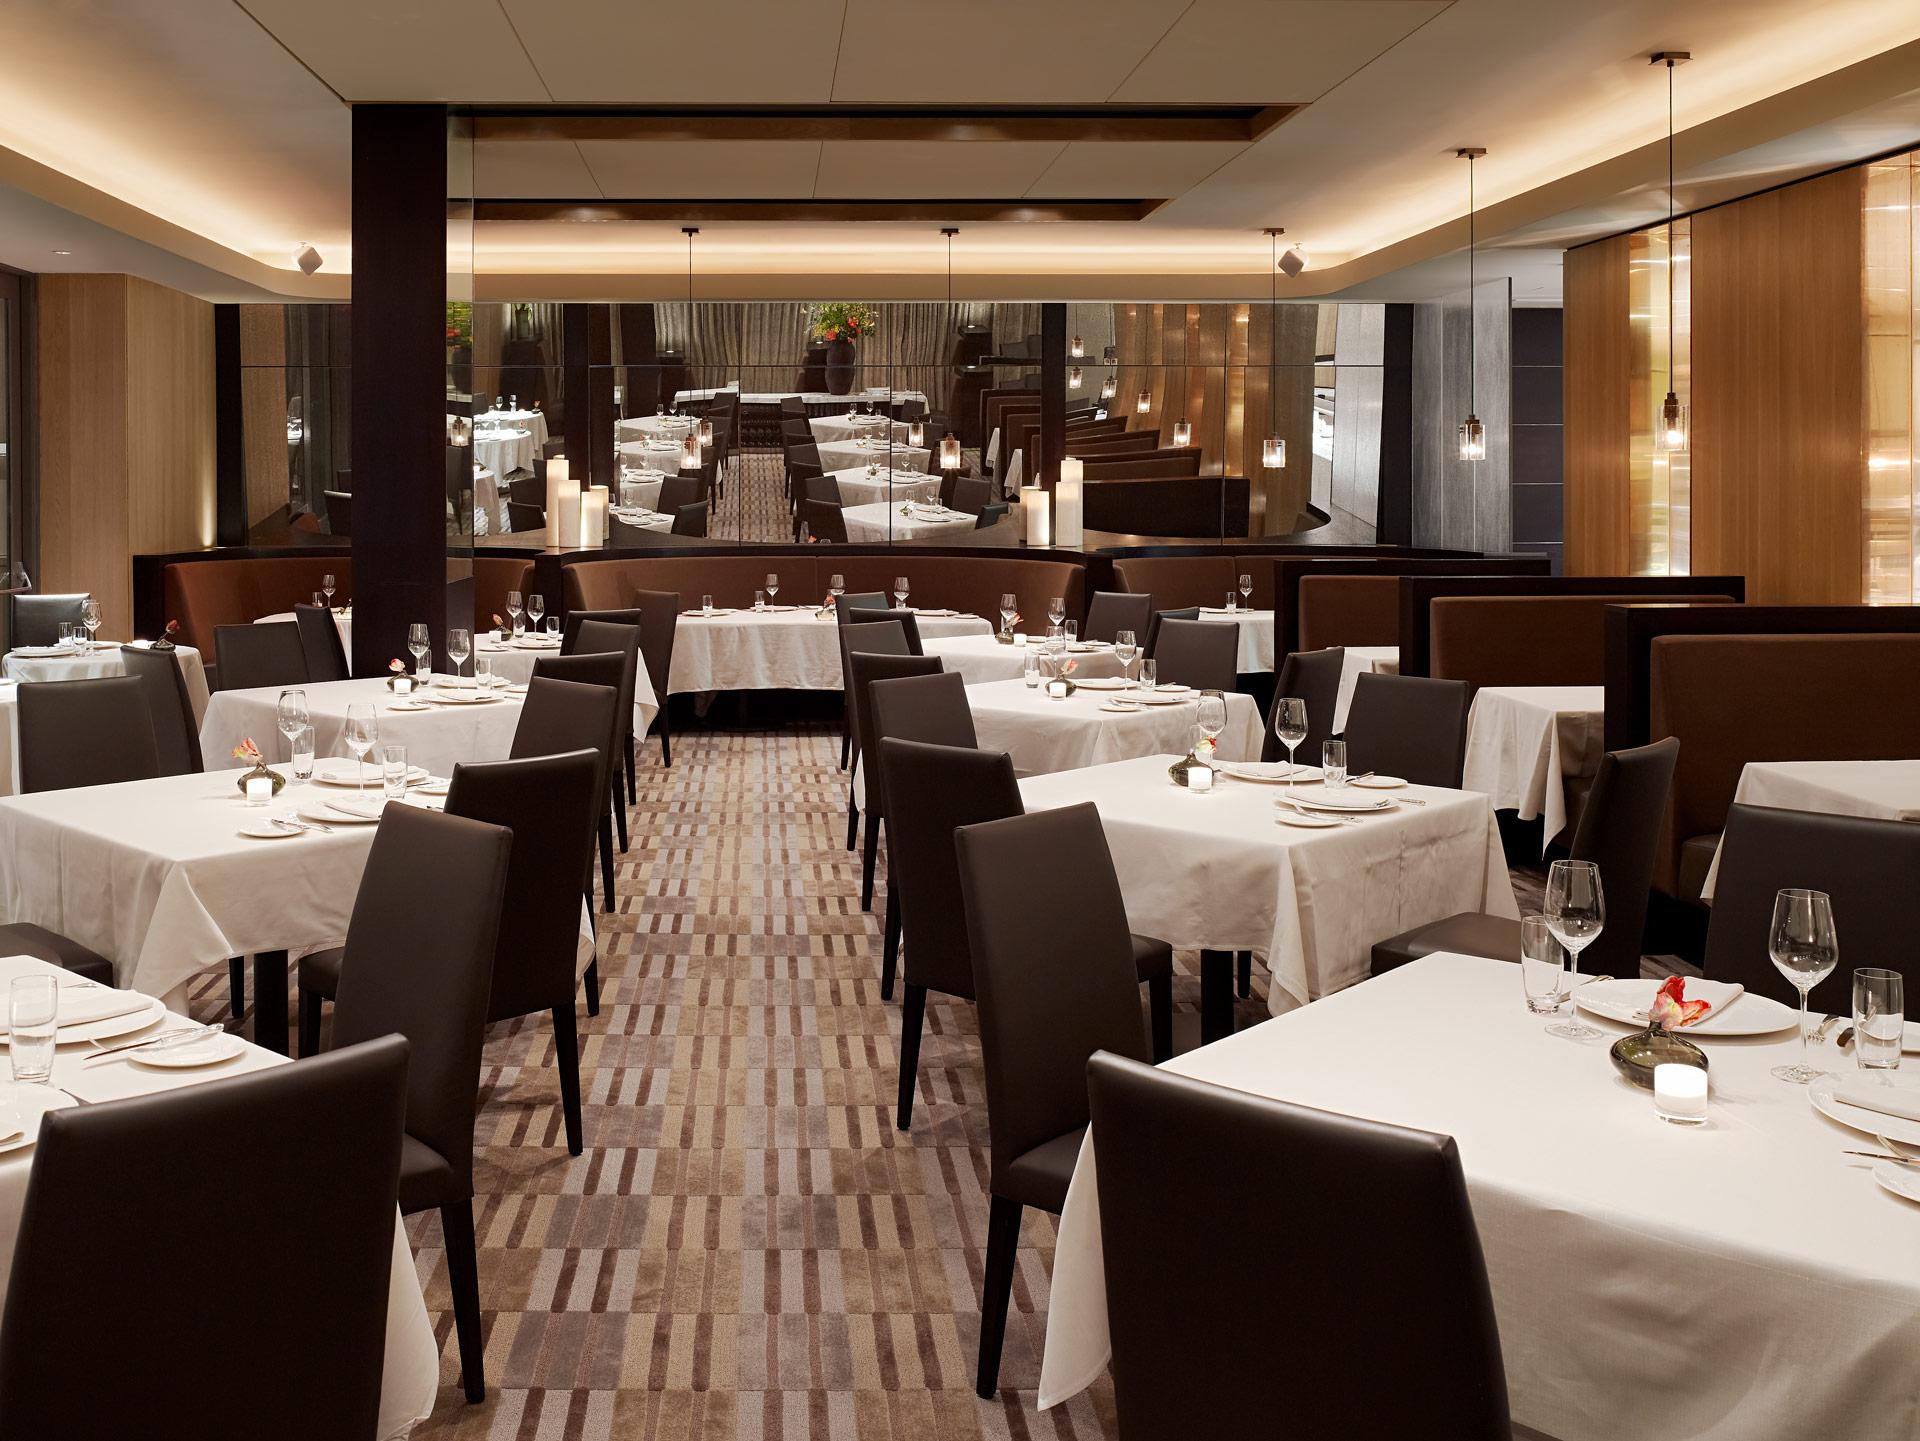 La Toque restaurant